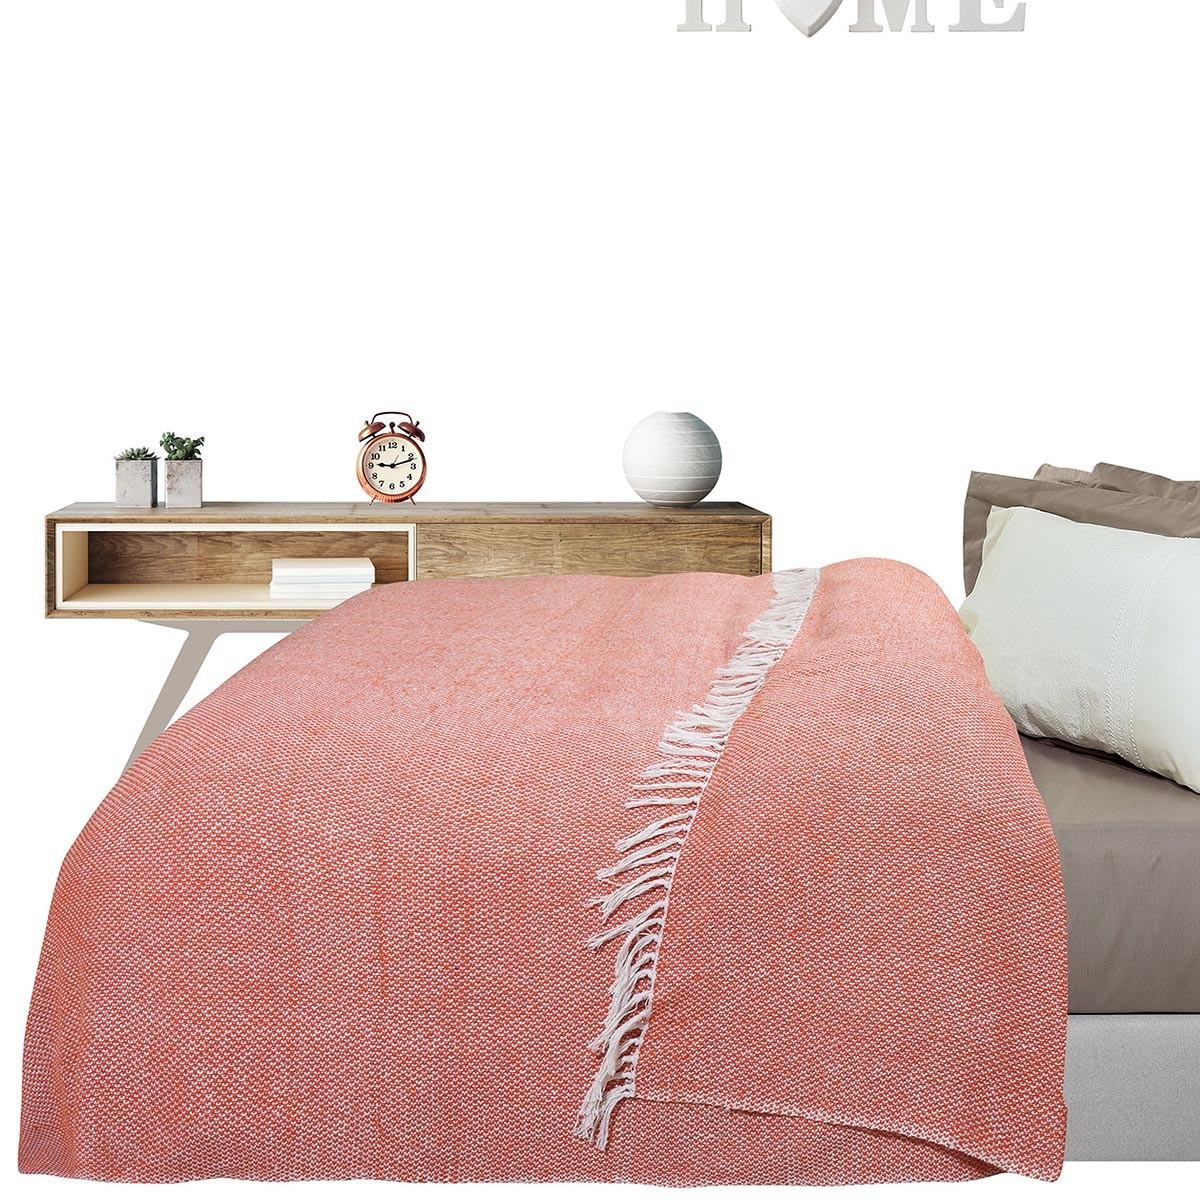 Κουβερτόριο Υπέρδιπλο Das Home Blanket Line Jacquard 386 66677